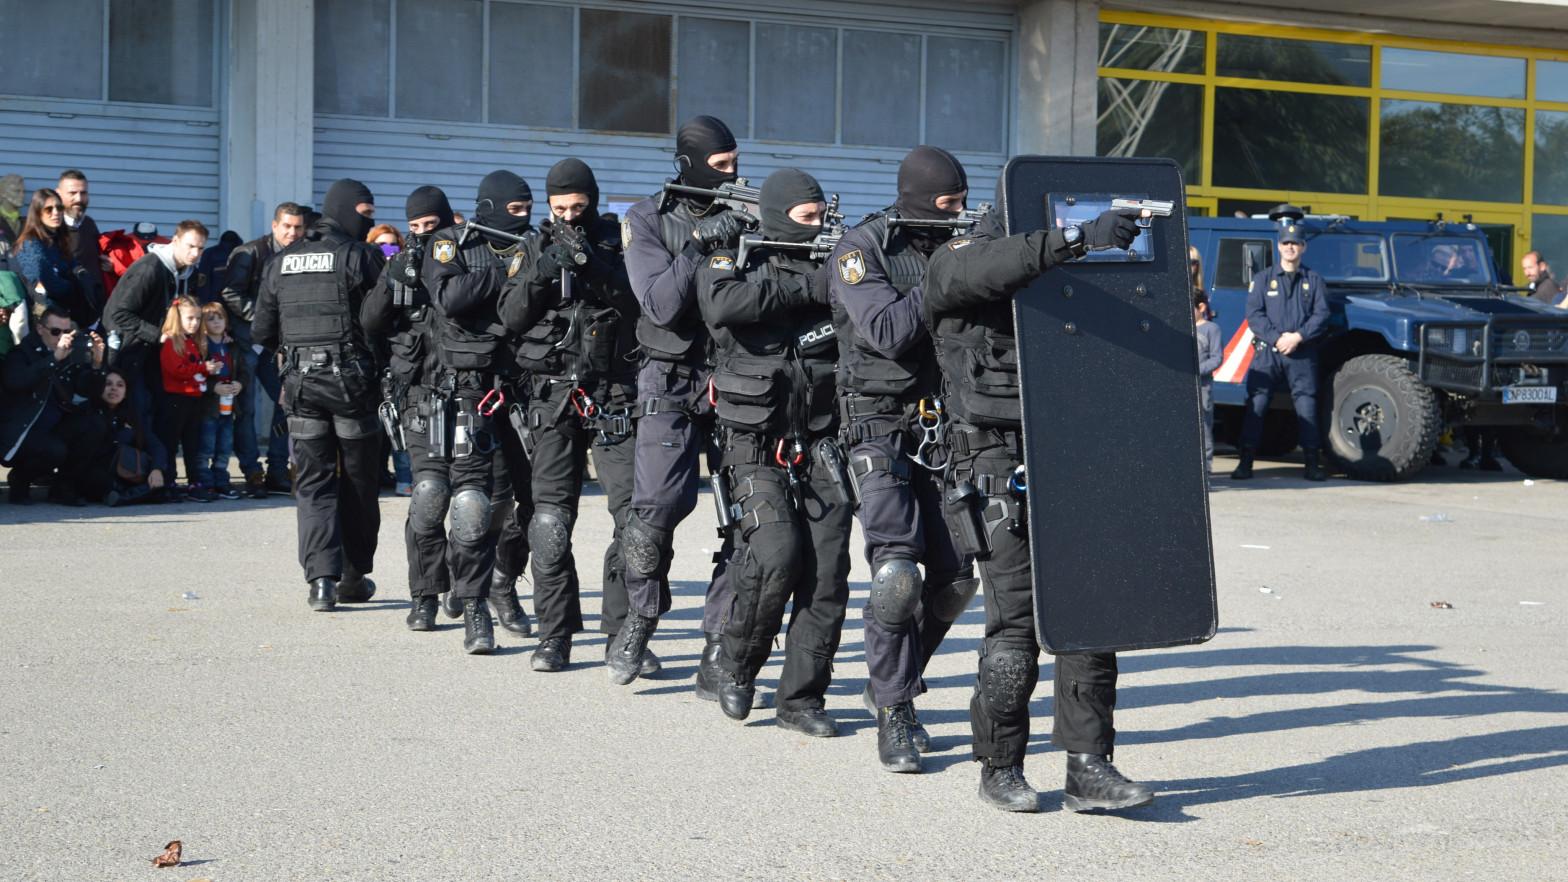 Un sindicato denuncia favoritismo hacia una policía en el curso de operaciones especiales